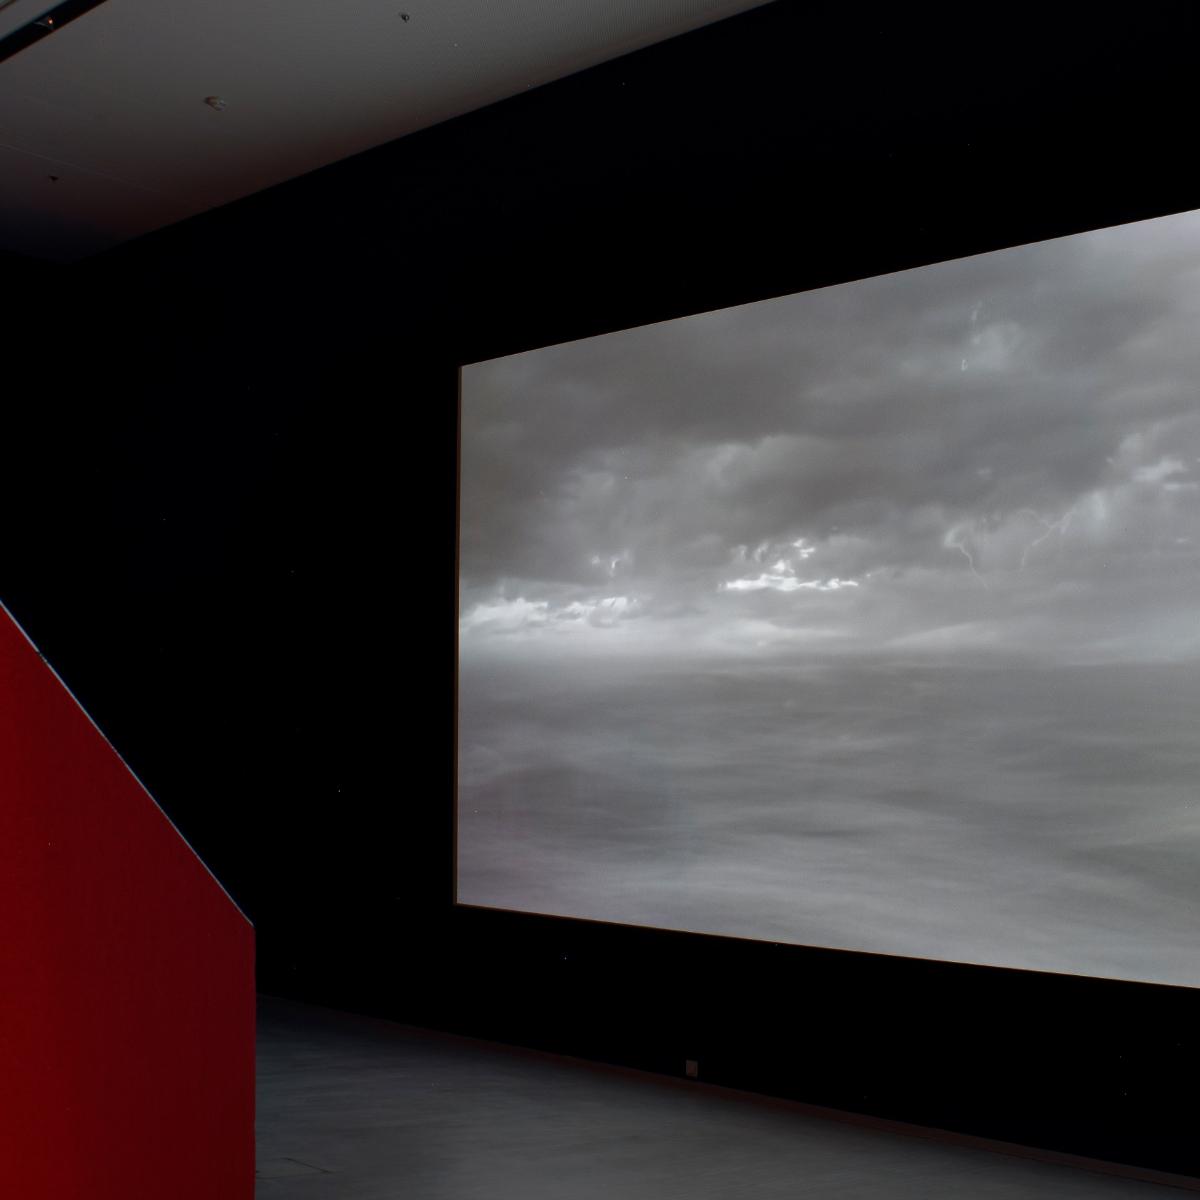 D A R K   W A T E R S   &   S N O W   F O X, 20182019,  12x12 video space @Berlinische Galerie, Museum Berlin